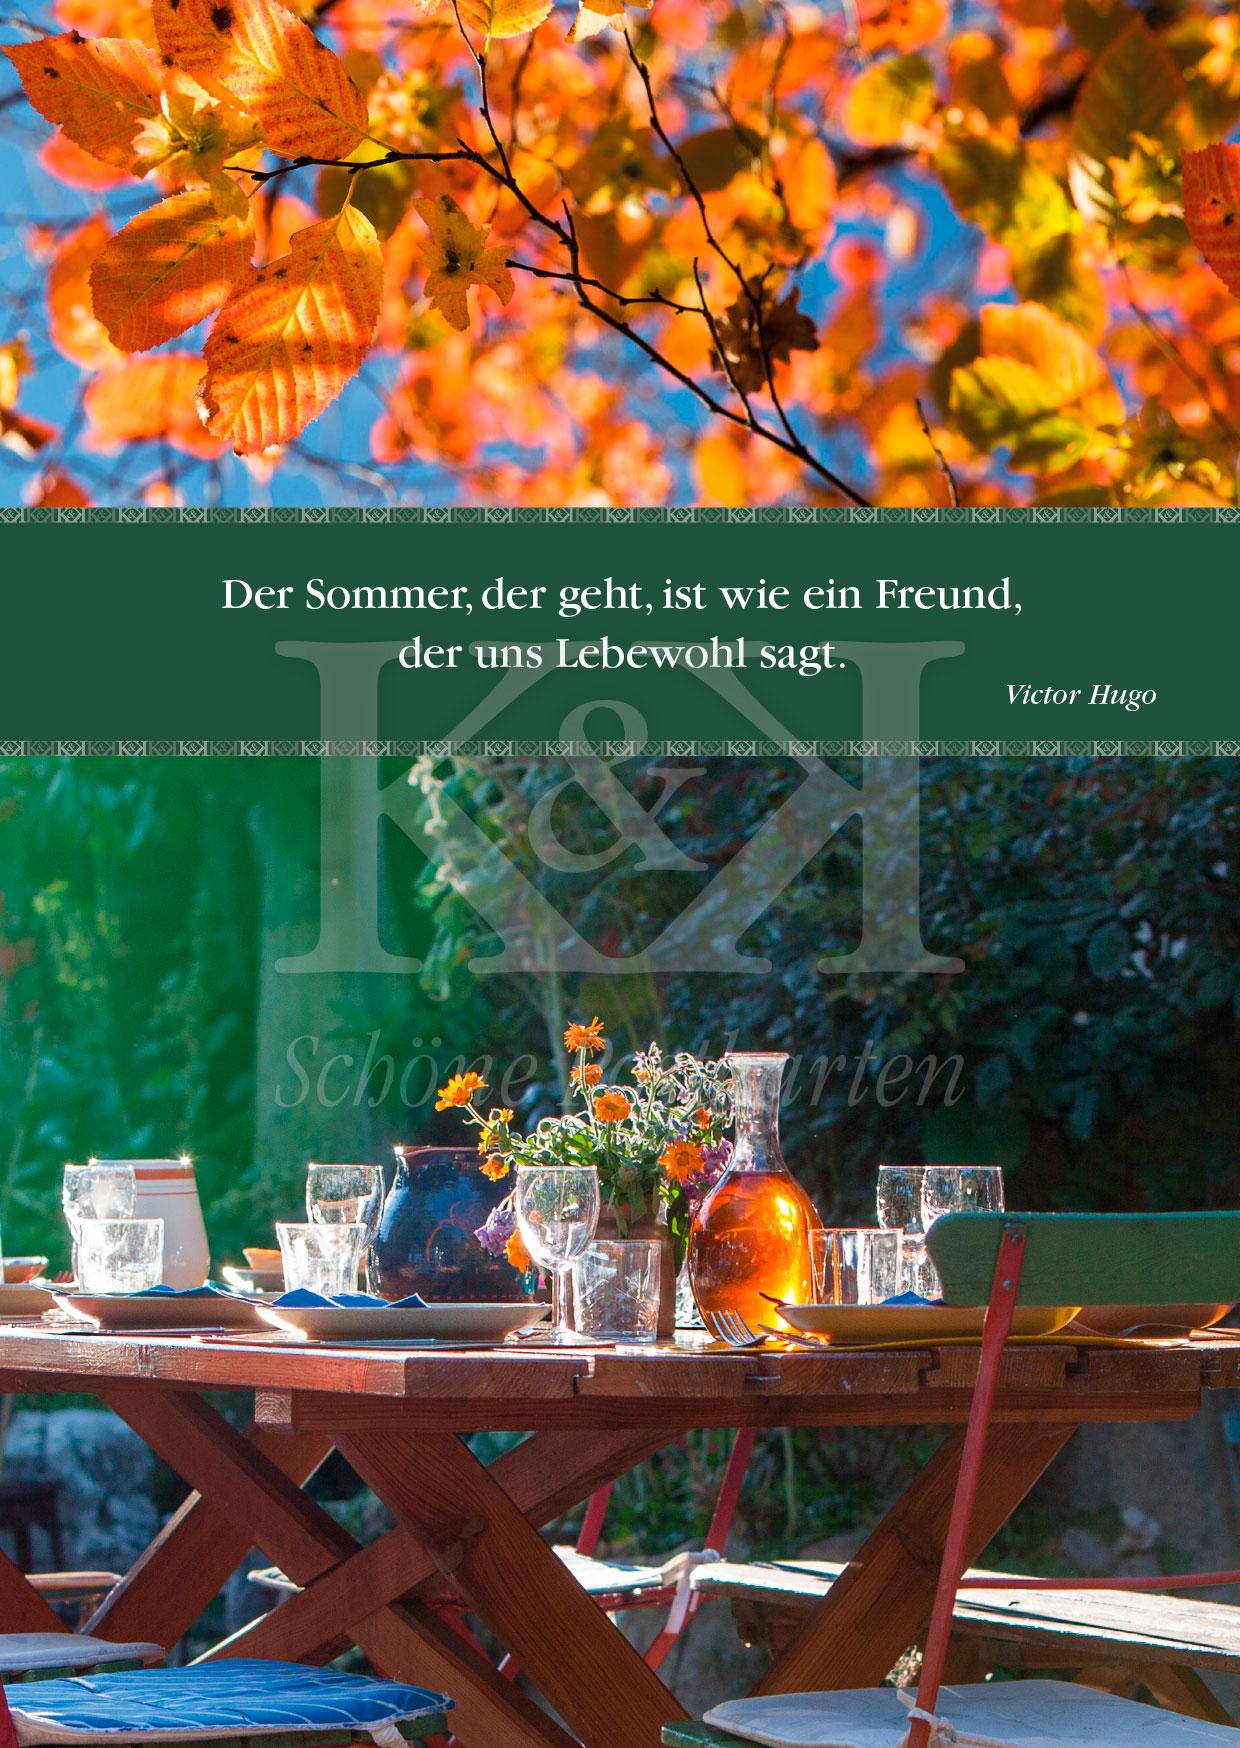 Schöne Postkarte Nr. 4 · Der Sommer, der geht. Victor Hugo © 2018